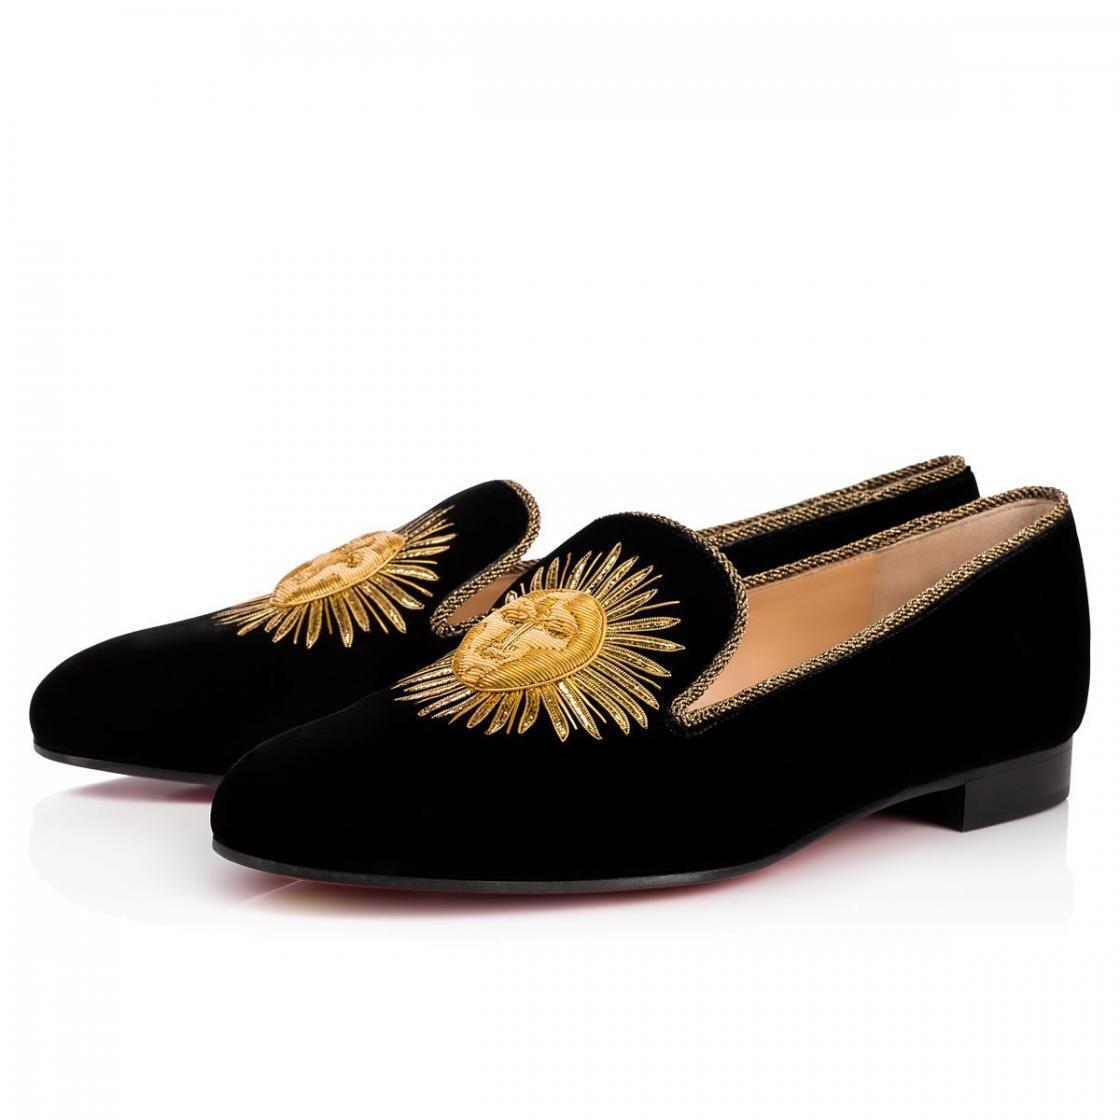 NIB Christian Louboutin Morning Sakouette Flat Black Velvet gold Sun Loafer 37.5